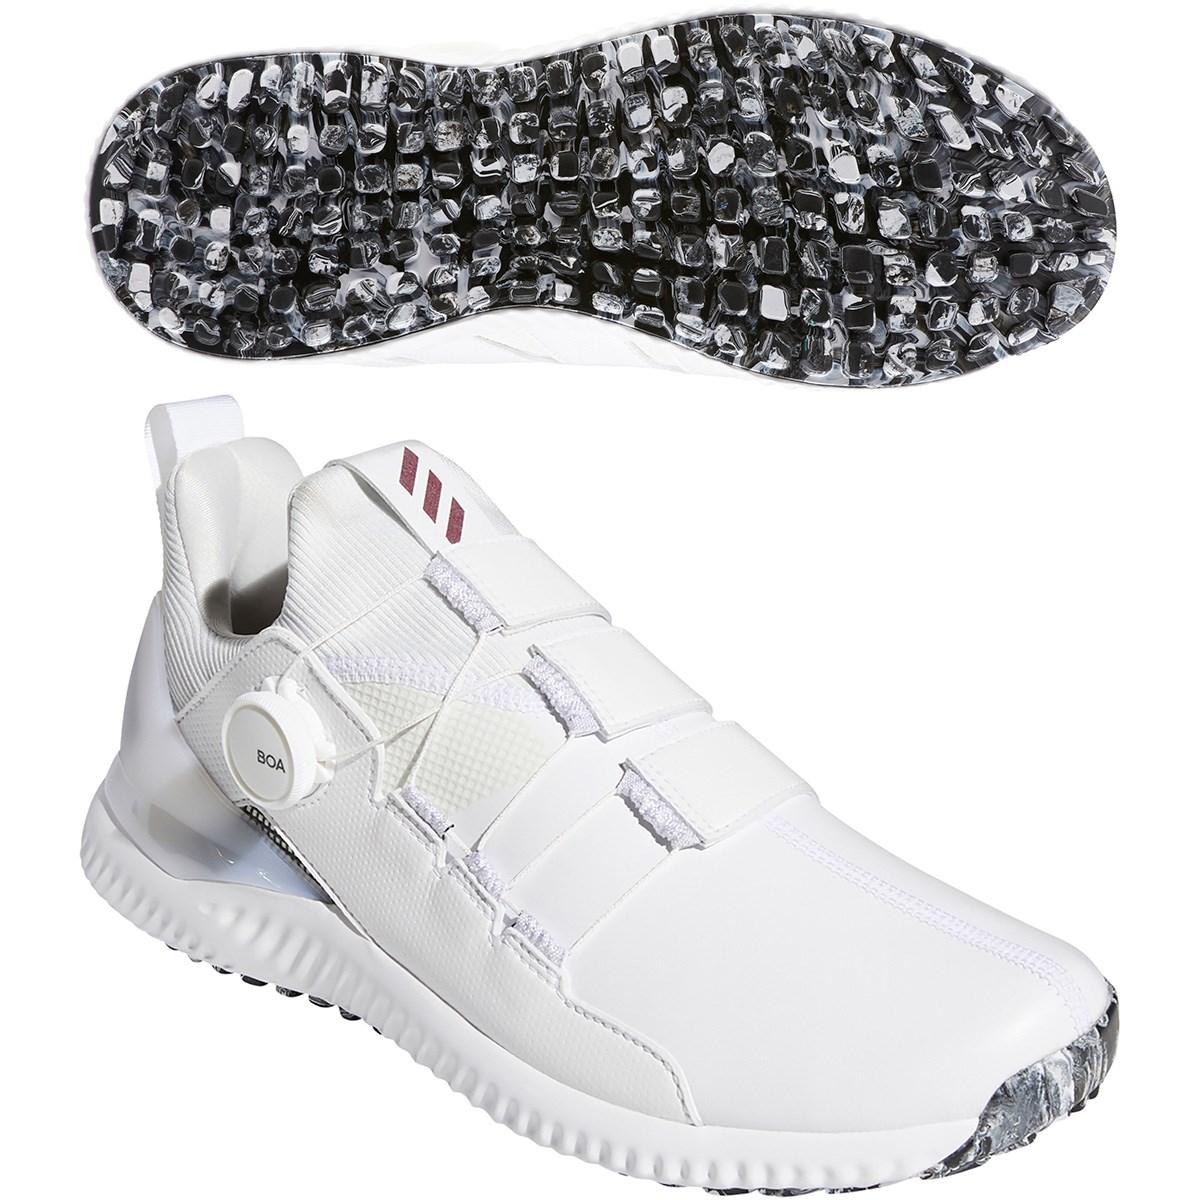 アディダス Adidas アディクロス バウンス ボア シューズ 24.5cm ホワイト/コアブラック/クリスタルホワイト